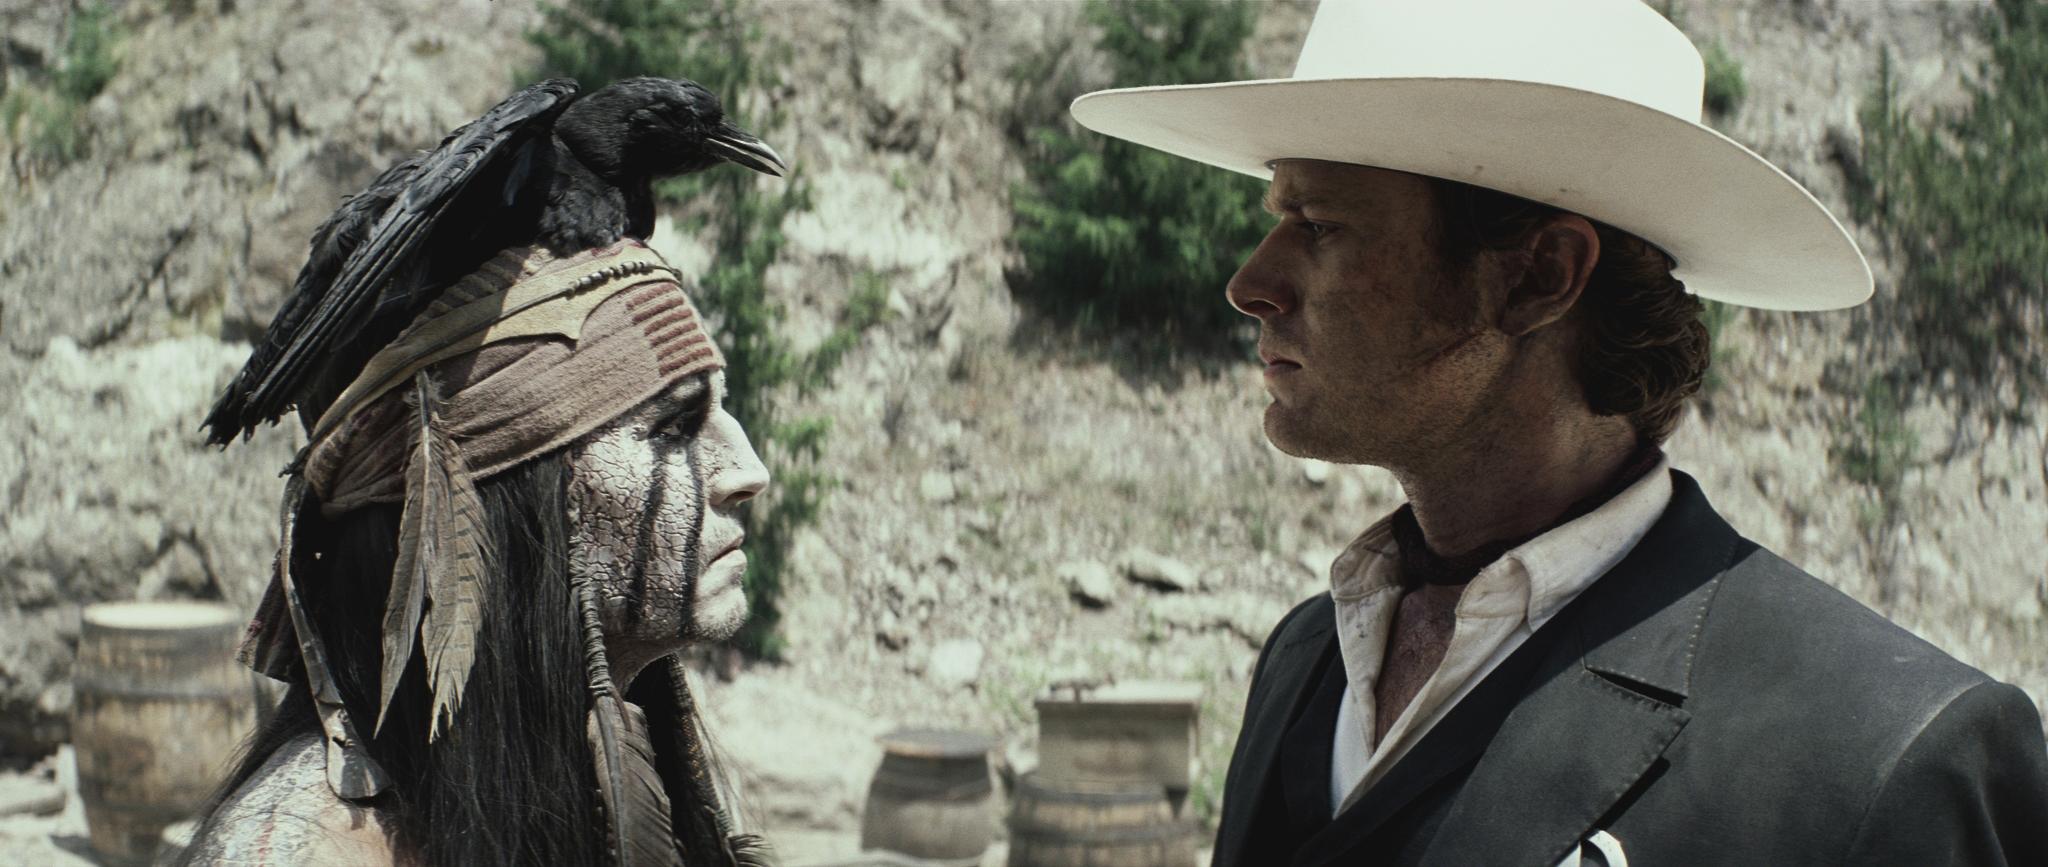 """Nuevo trailer """"The Lone Ranger"""" con Johnny Depp y Armie Hammer."""